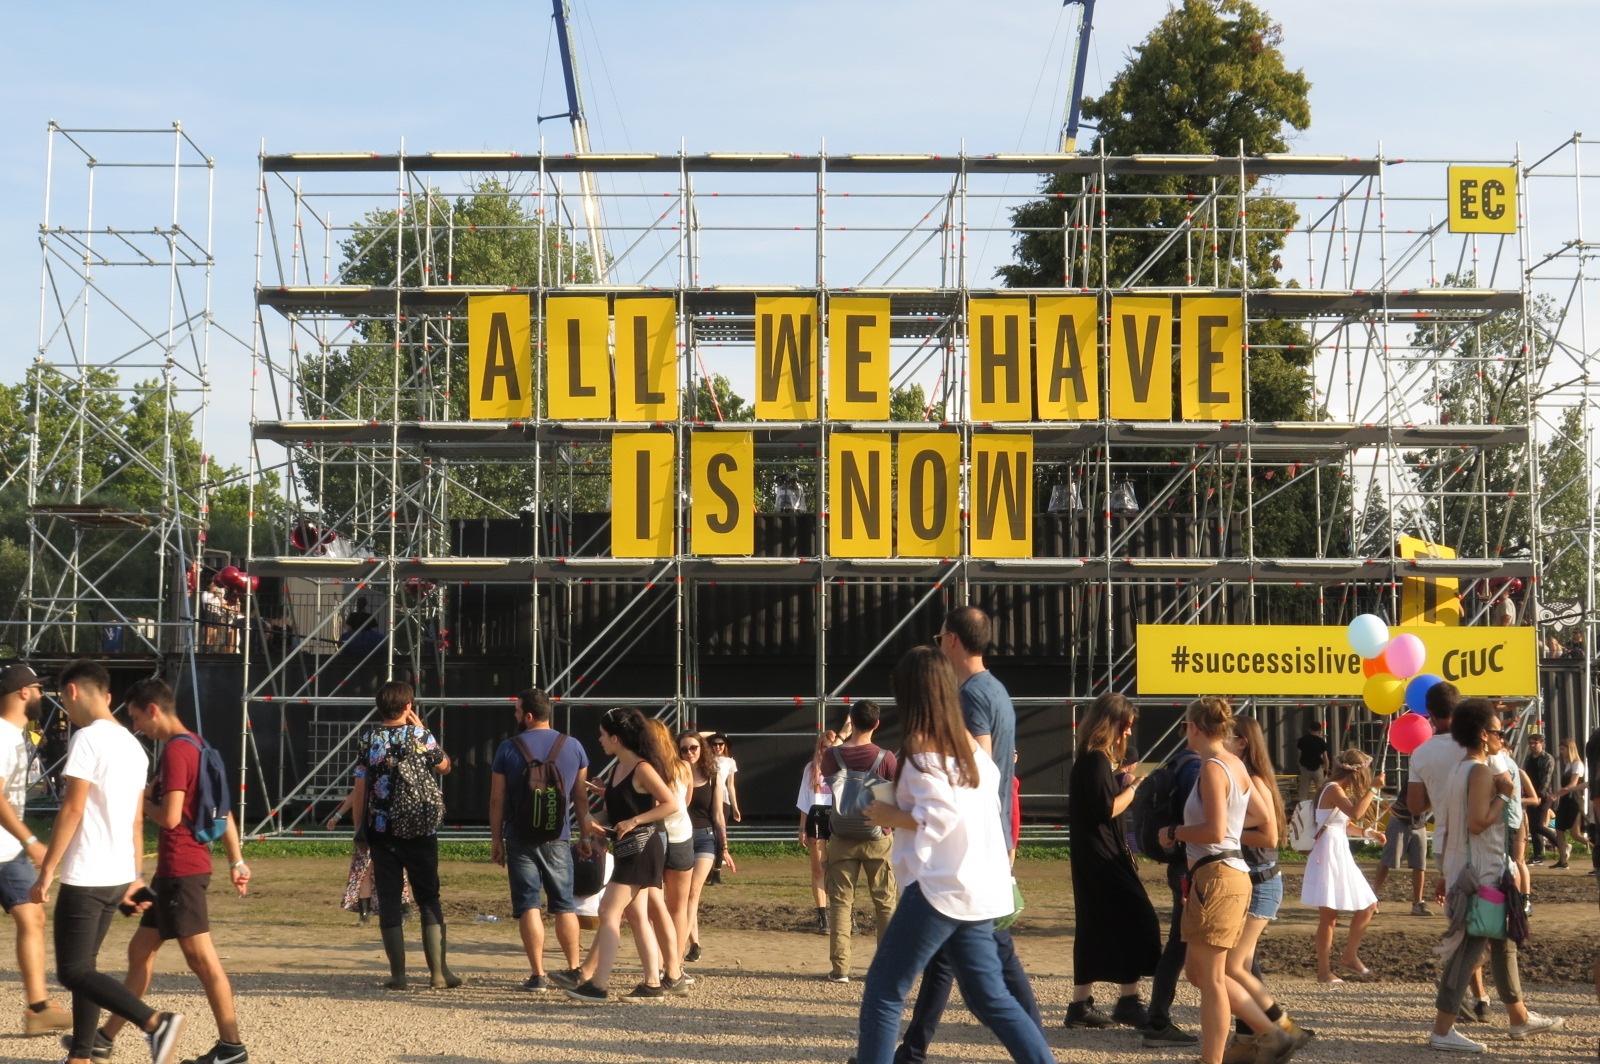 Estudo mostra que a maioria dos fãs de música acha que marcas podem melhorar a experiência de shows e festivais